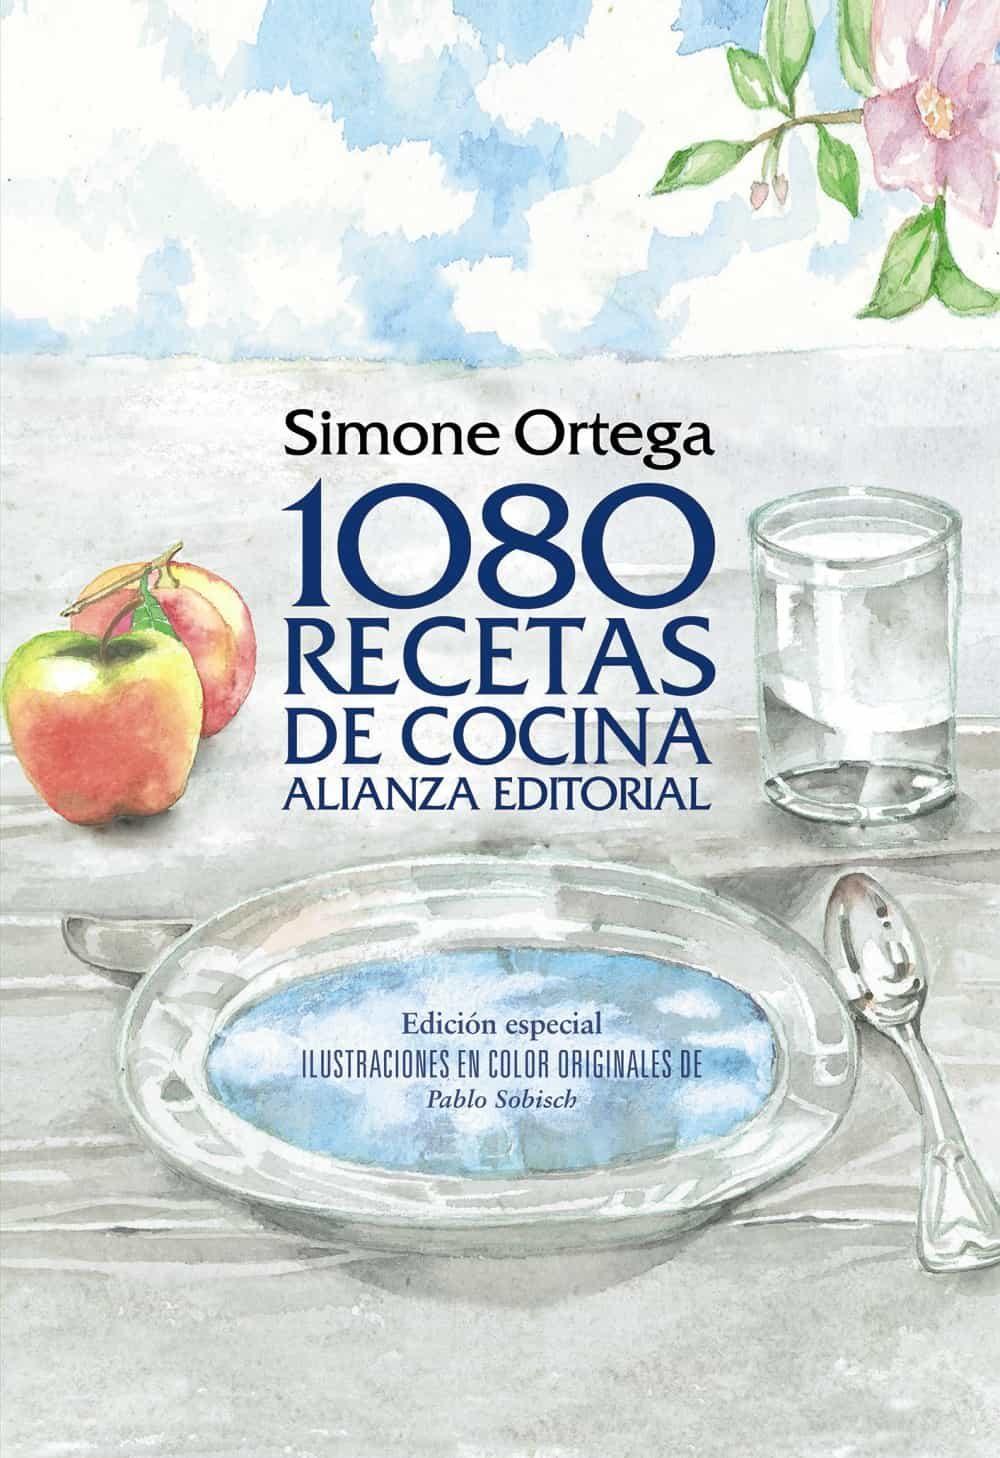 1080 Recetas De Cocina por Simone Ortega